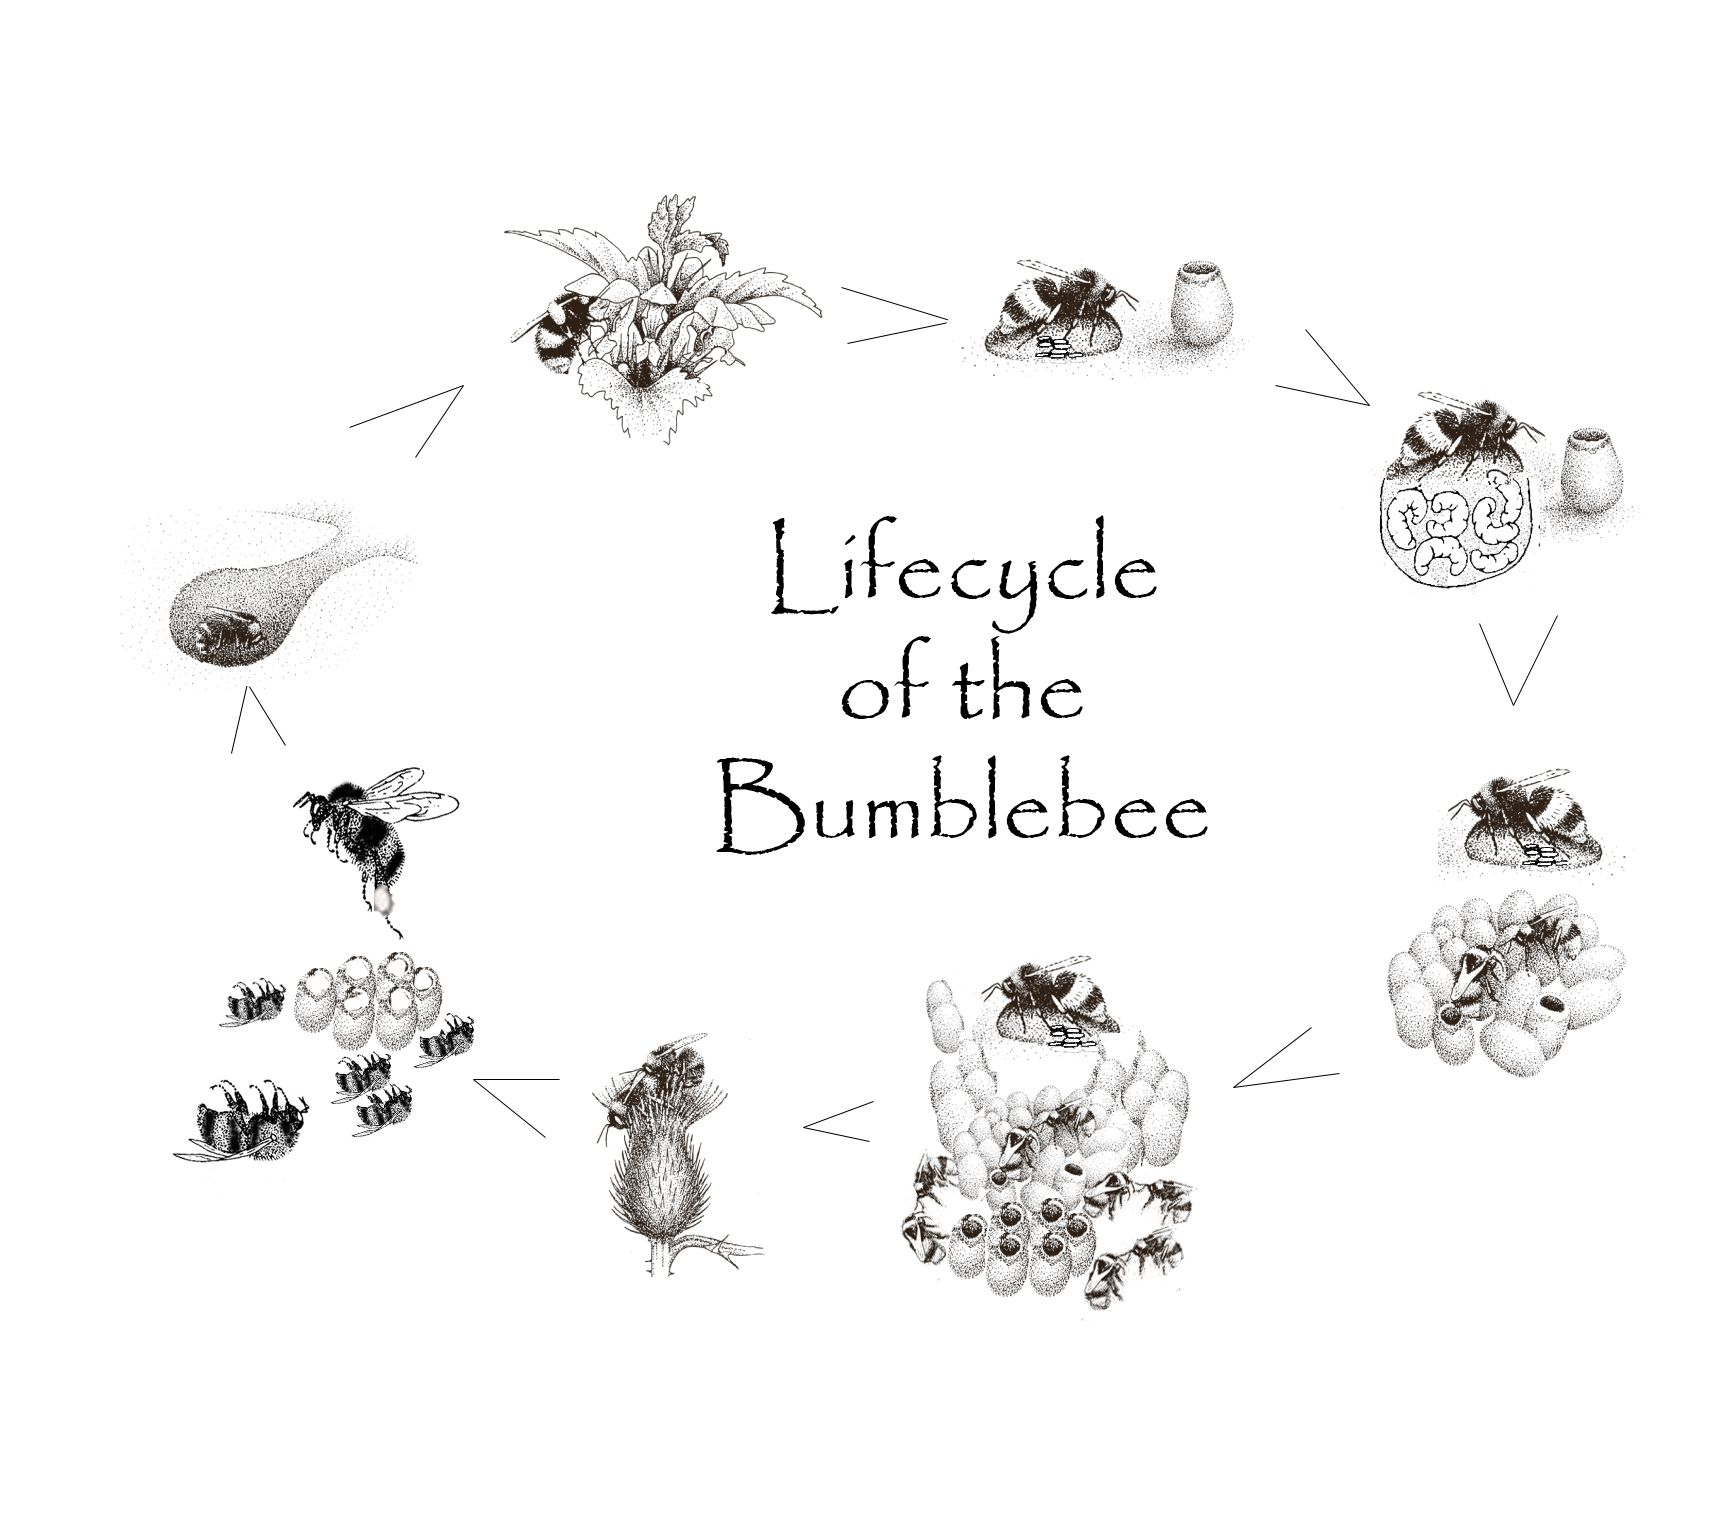 Bumblebee Lifecycle